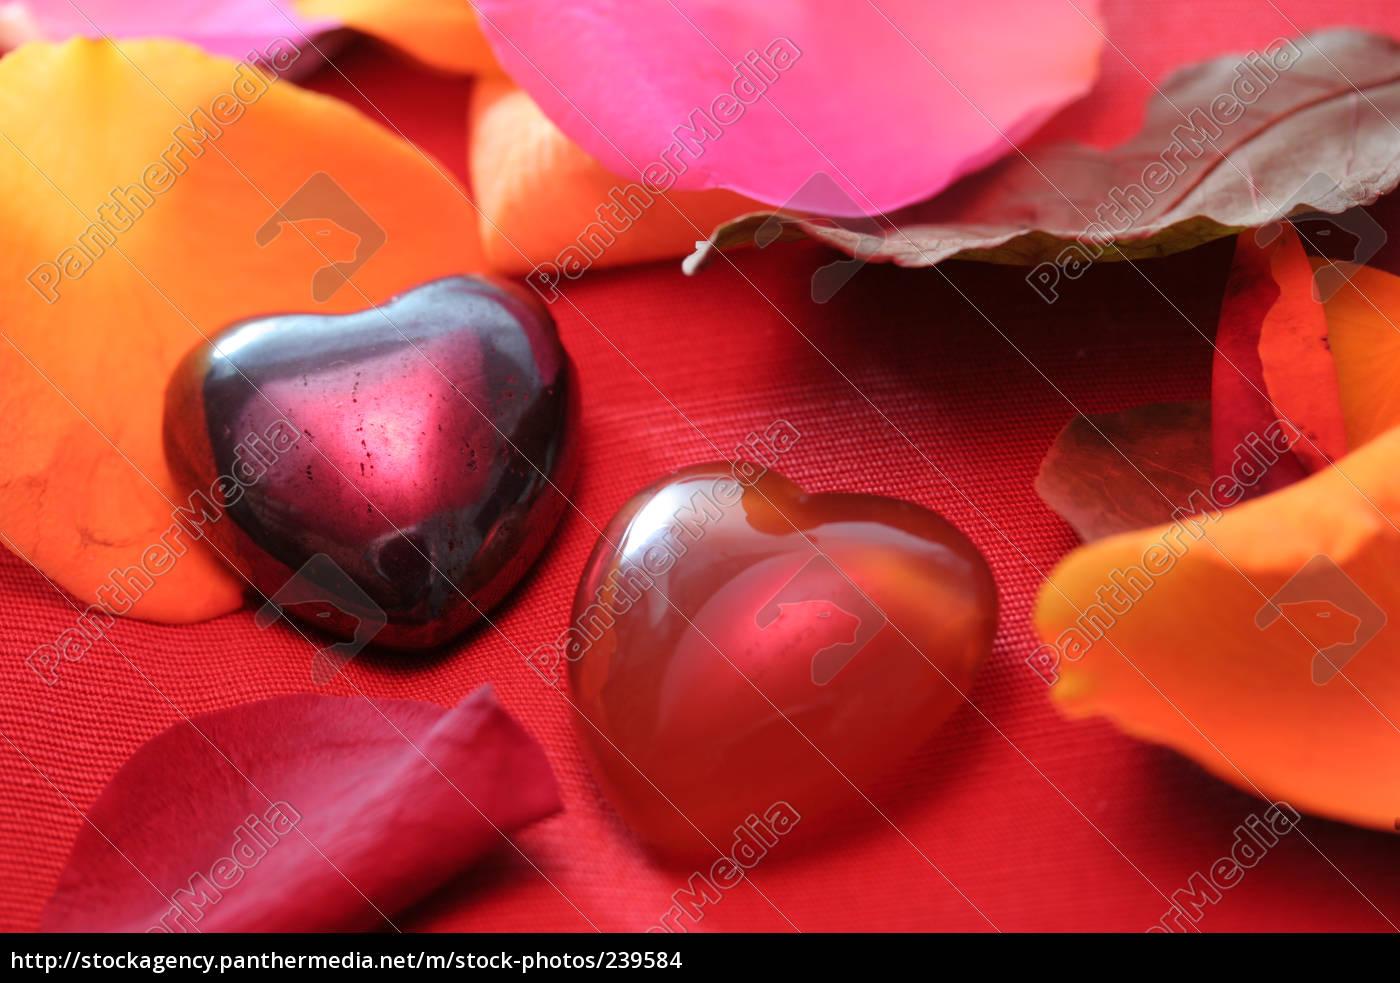 matéria, do, coração - 239584